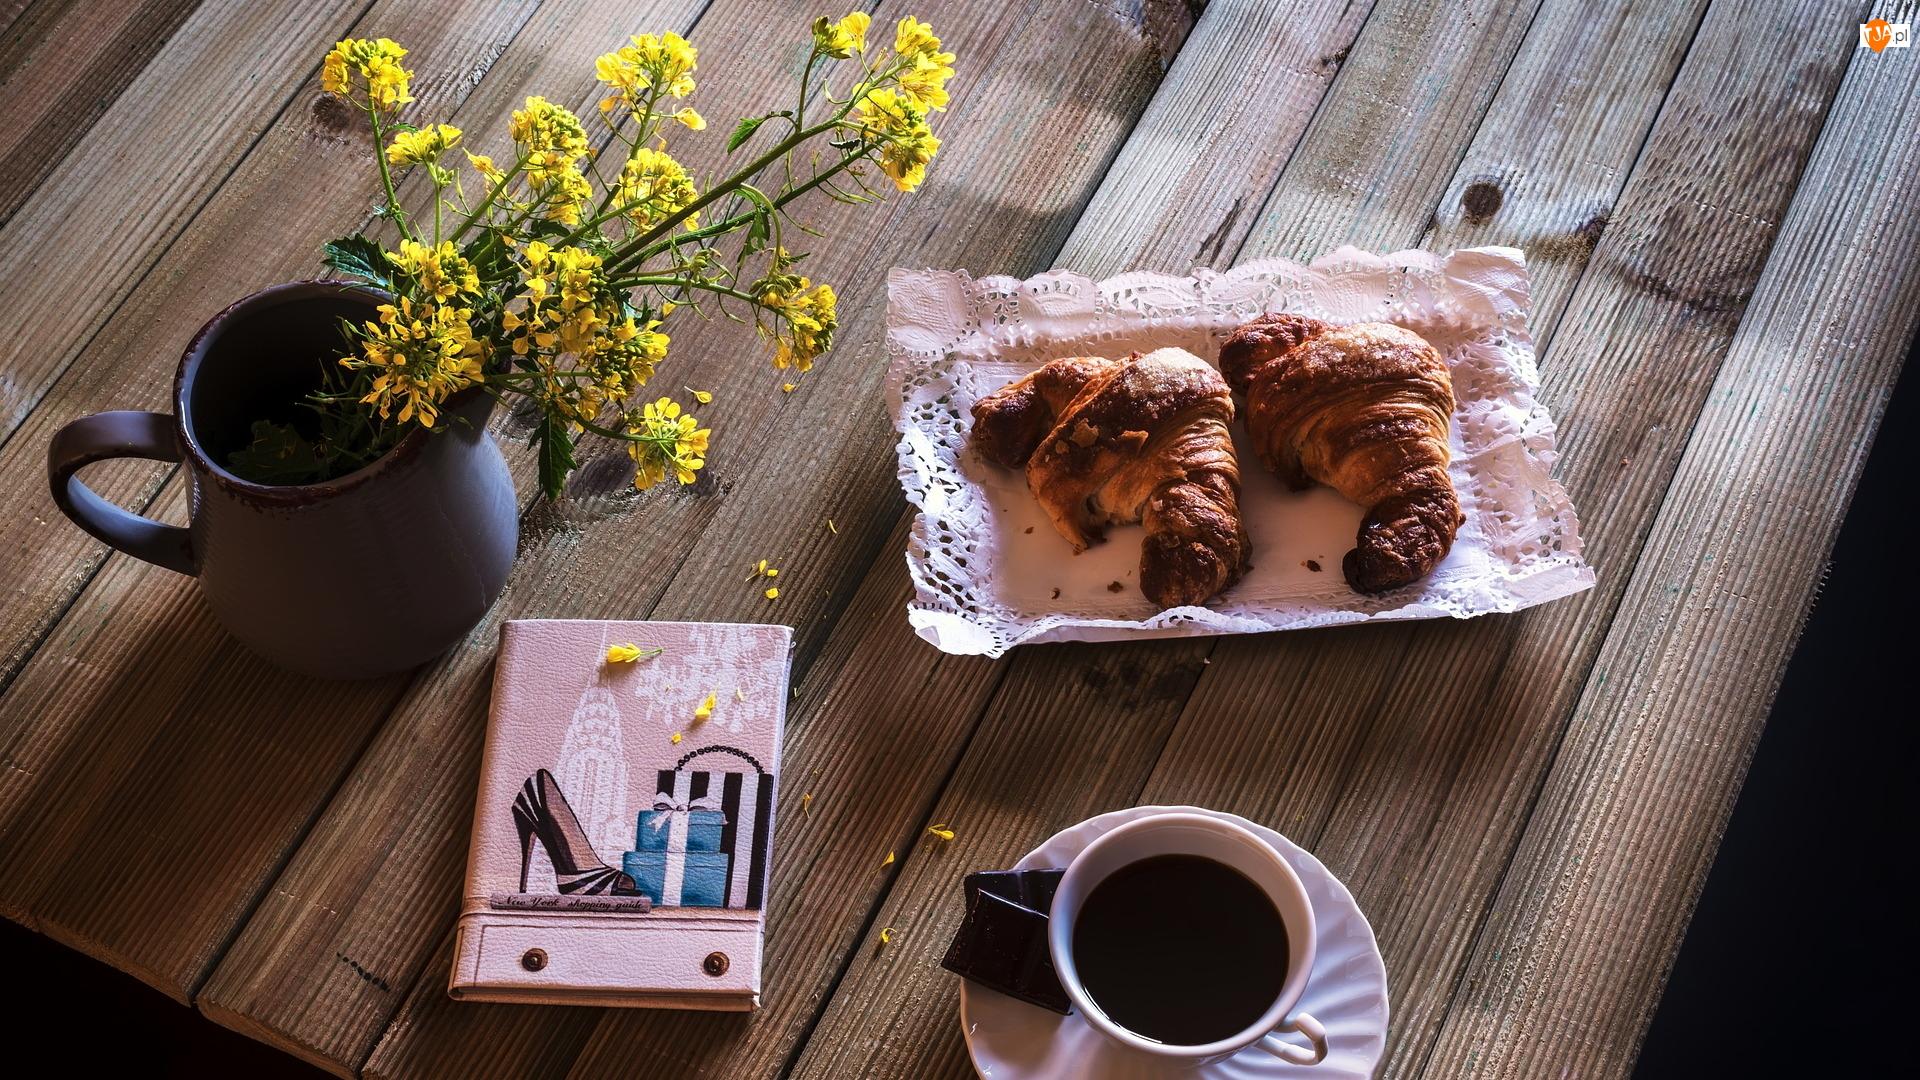 Kawa, Kompozycja, Żółte, Notes, Rogaliki, Kwiaty